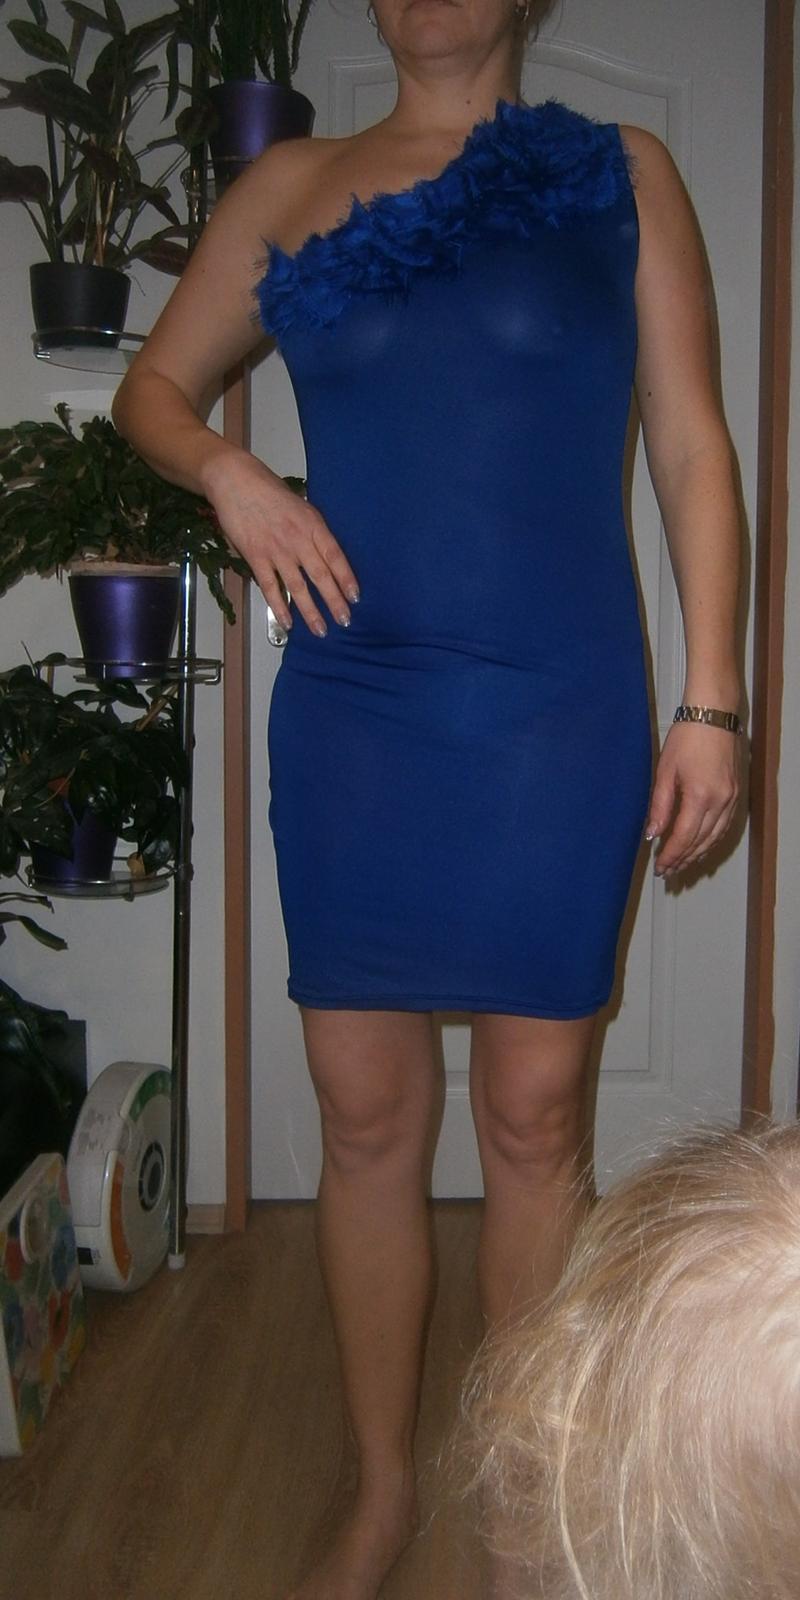 šaty vel.38 - Obrázek č. 1